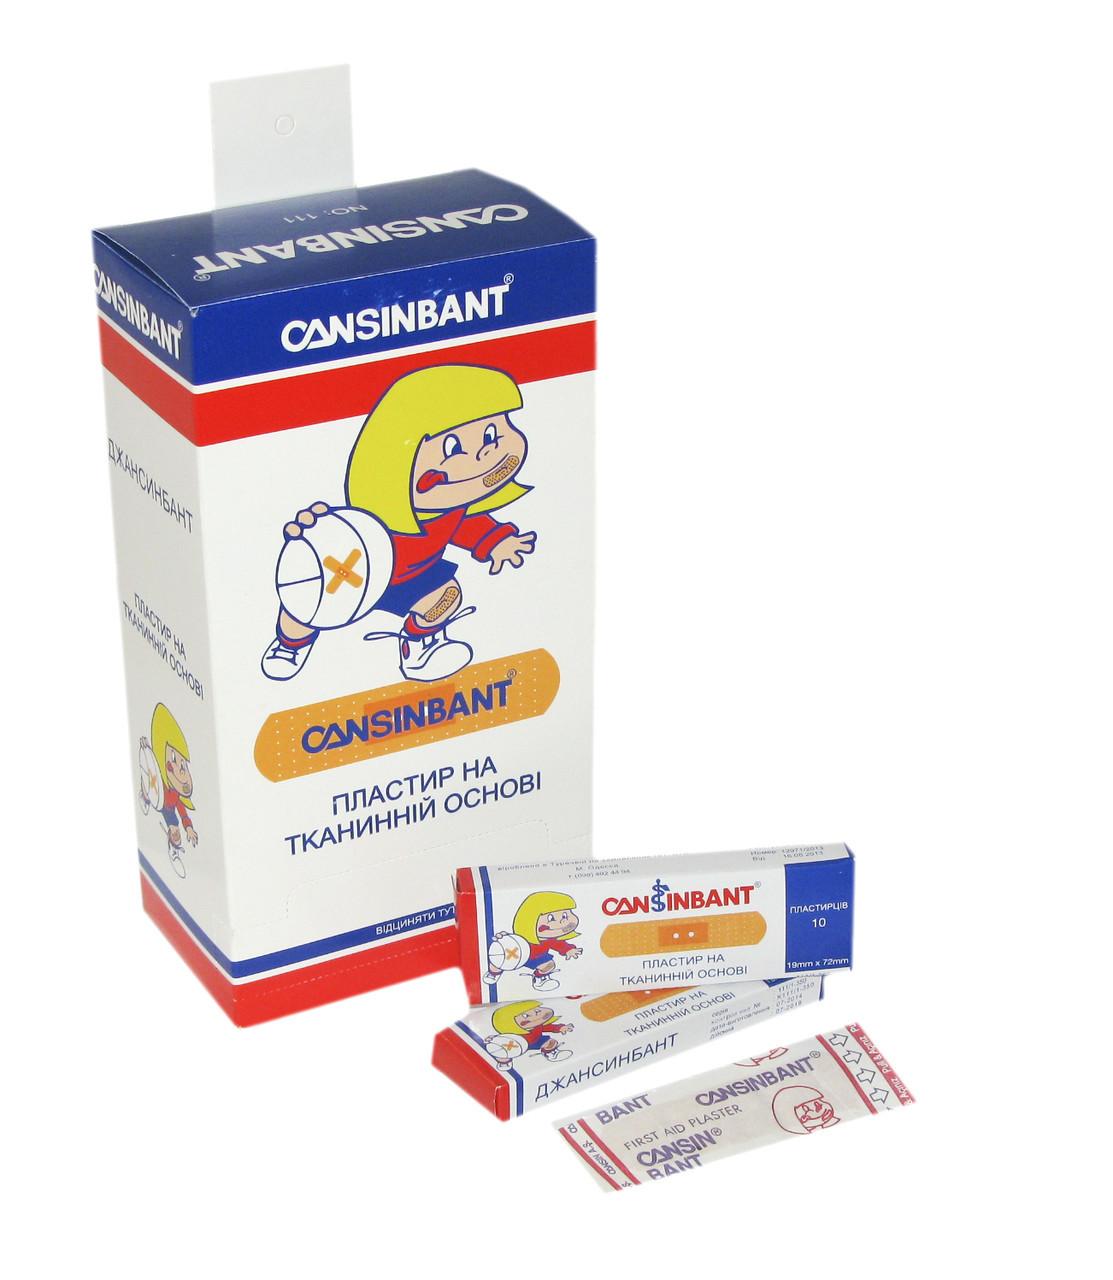 Пластир на тканинній основі ДжансинБант, 1 упаковка (30 шт.)